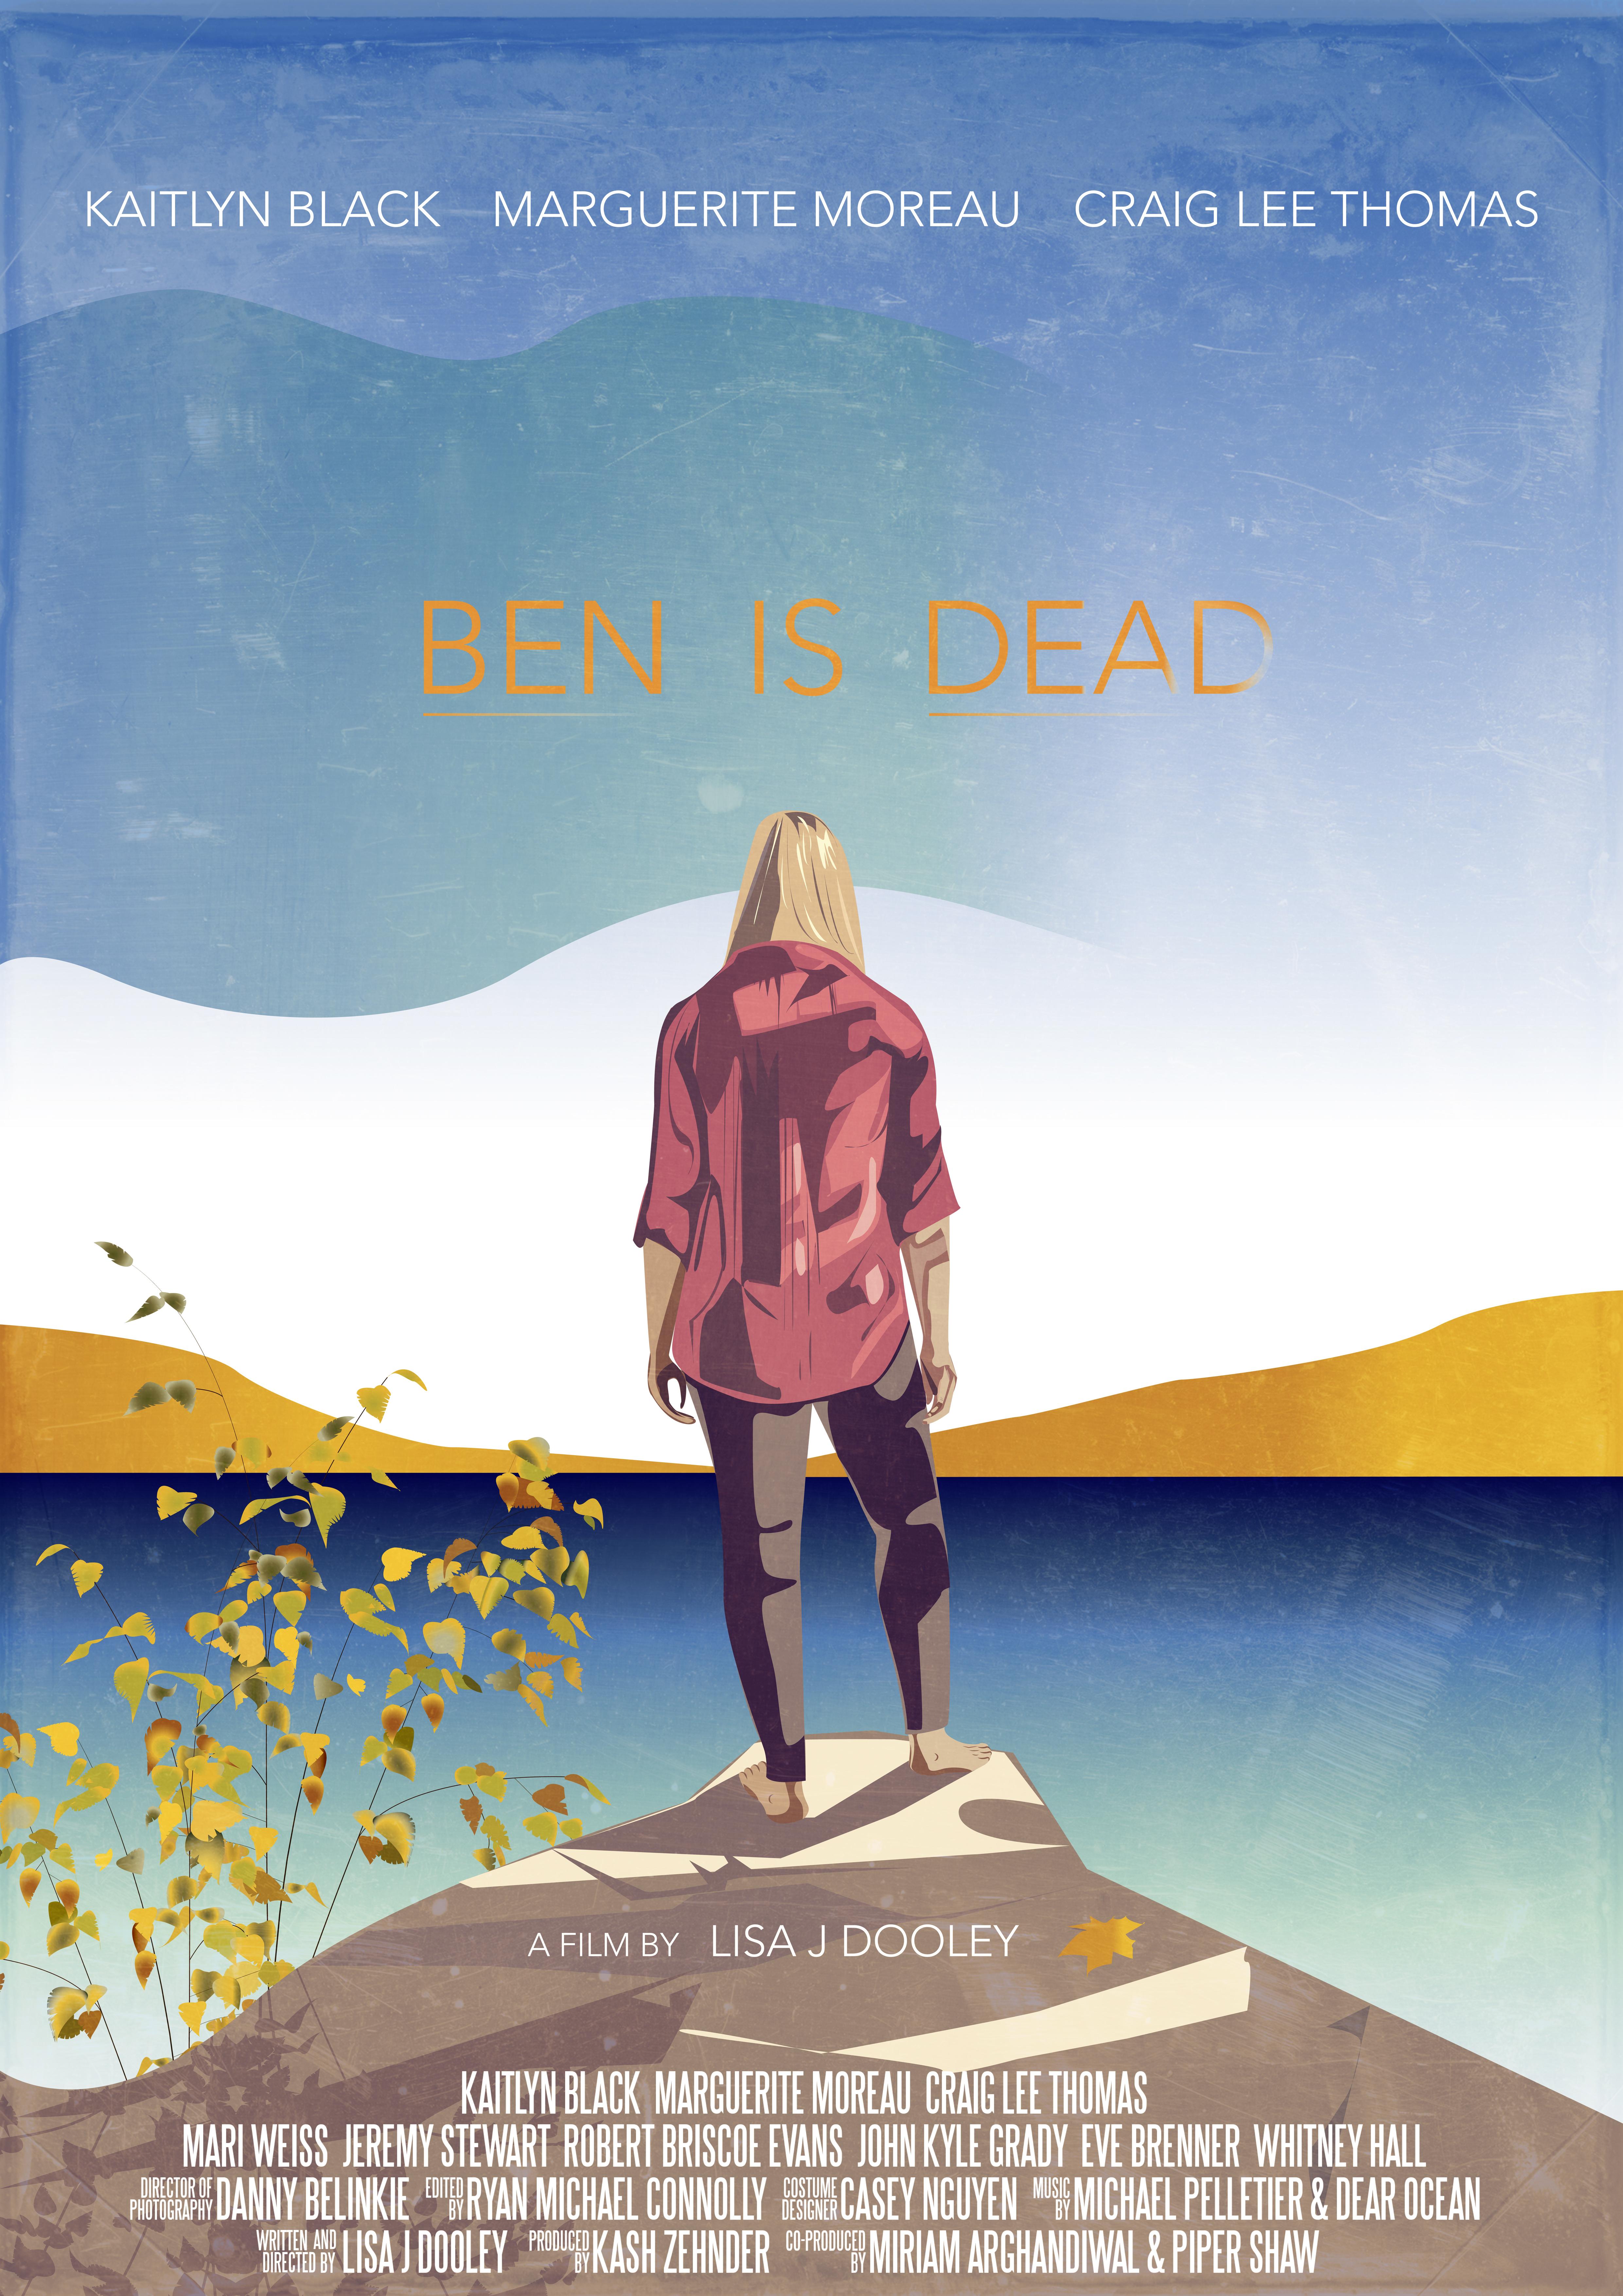 Plakat- Poster Ben is dead